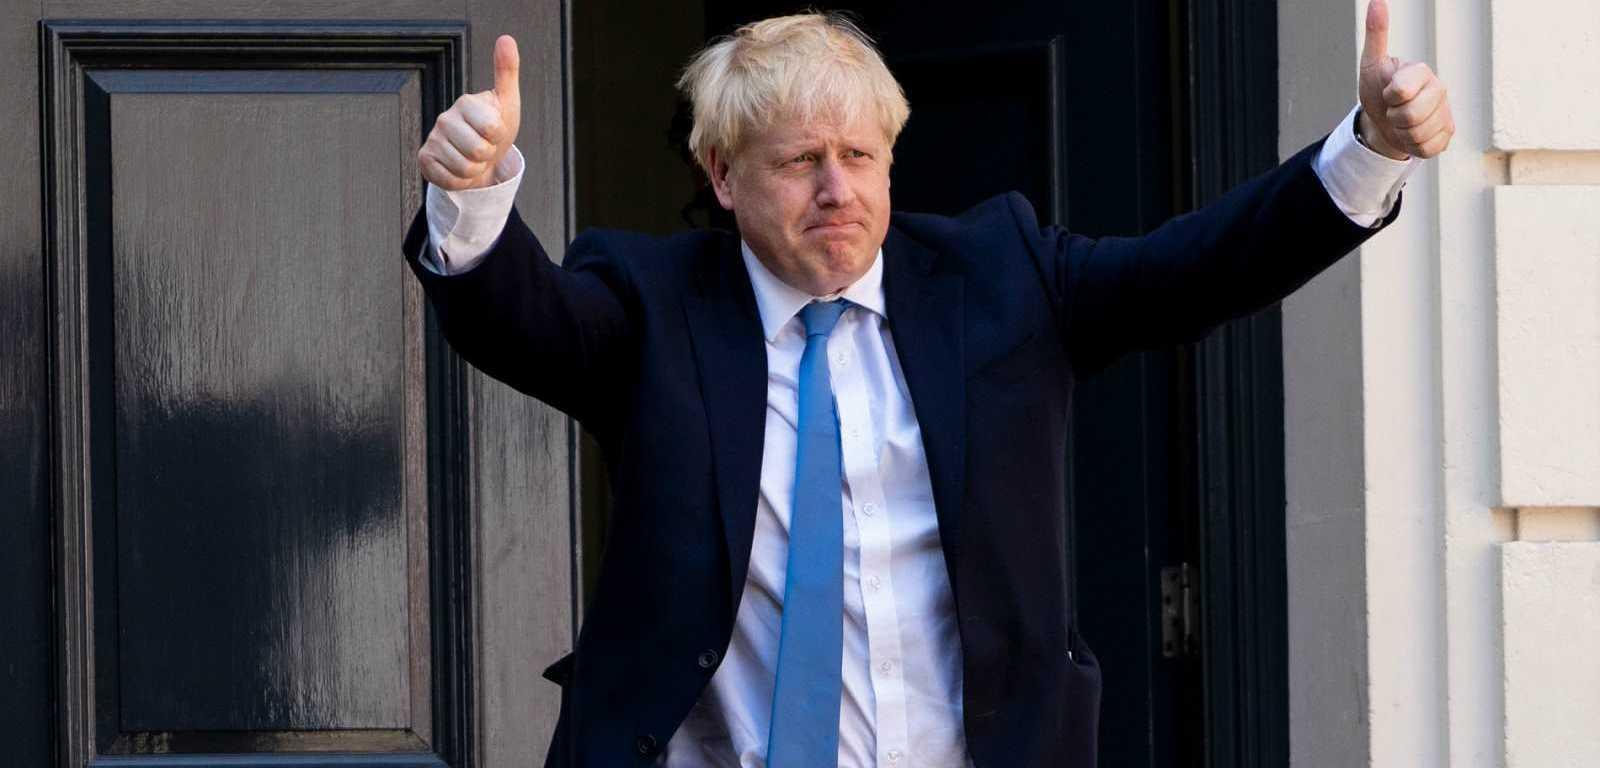 El primer ministro de Reino Unido, Boris Johnson, se contagió coronavirus.